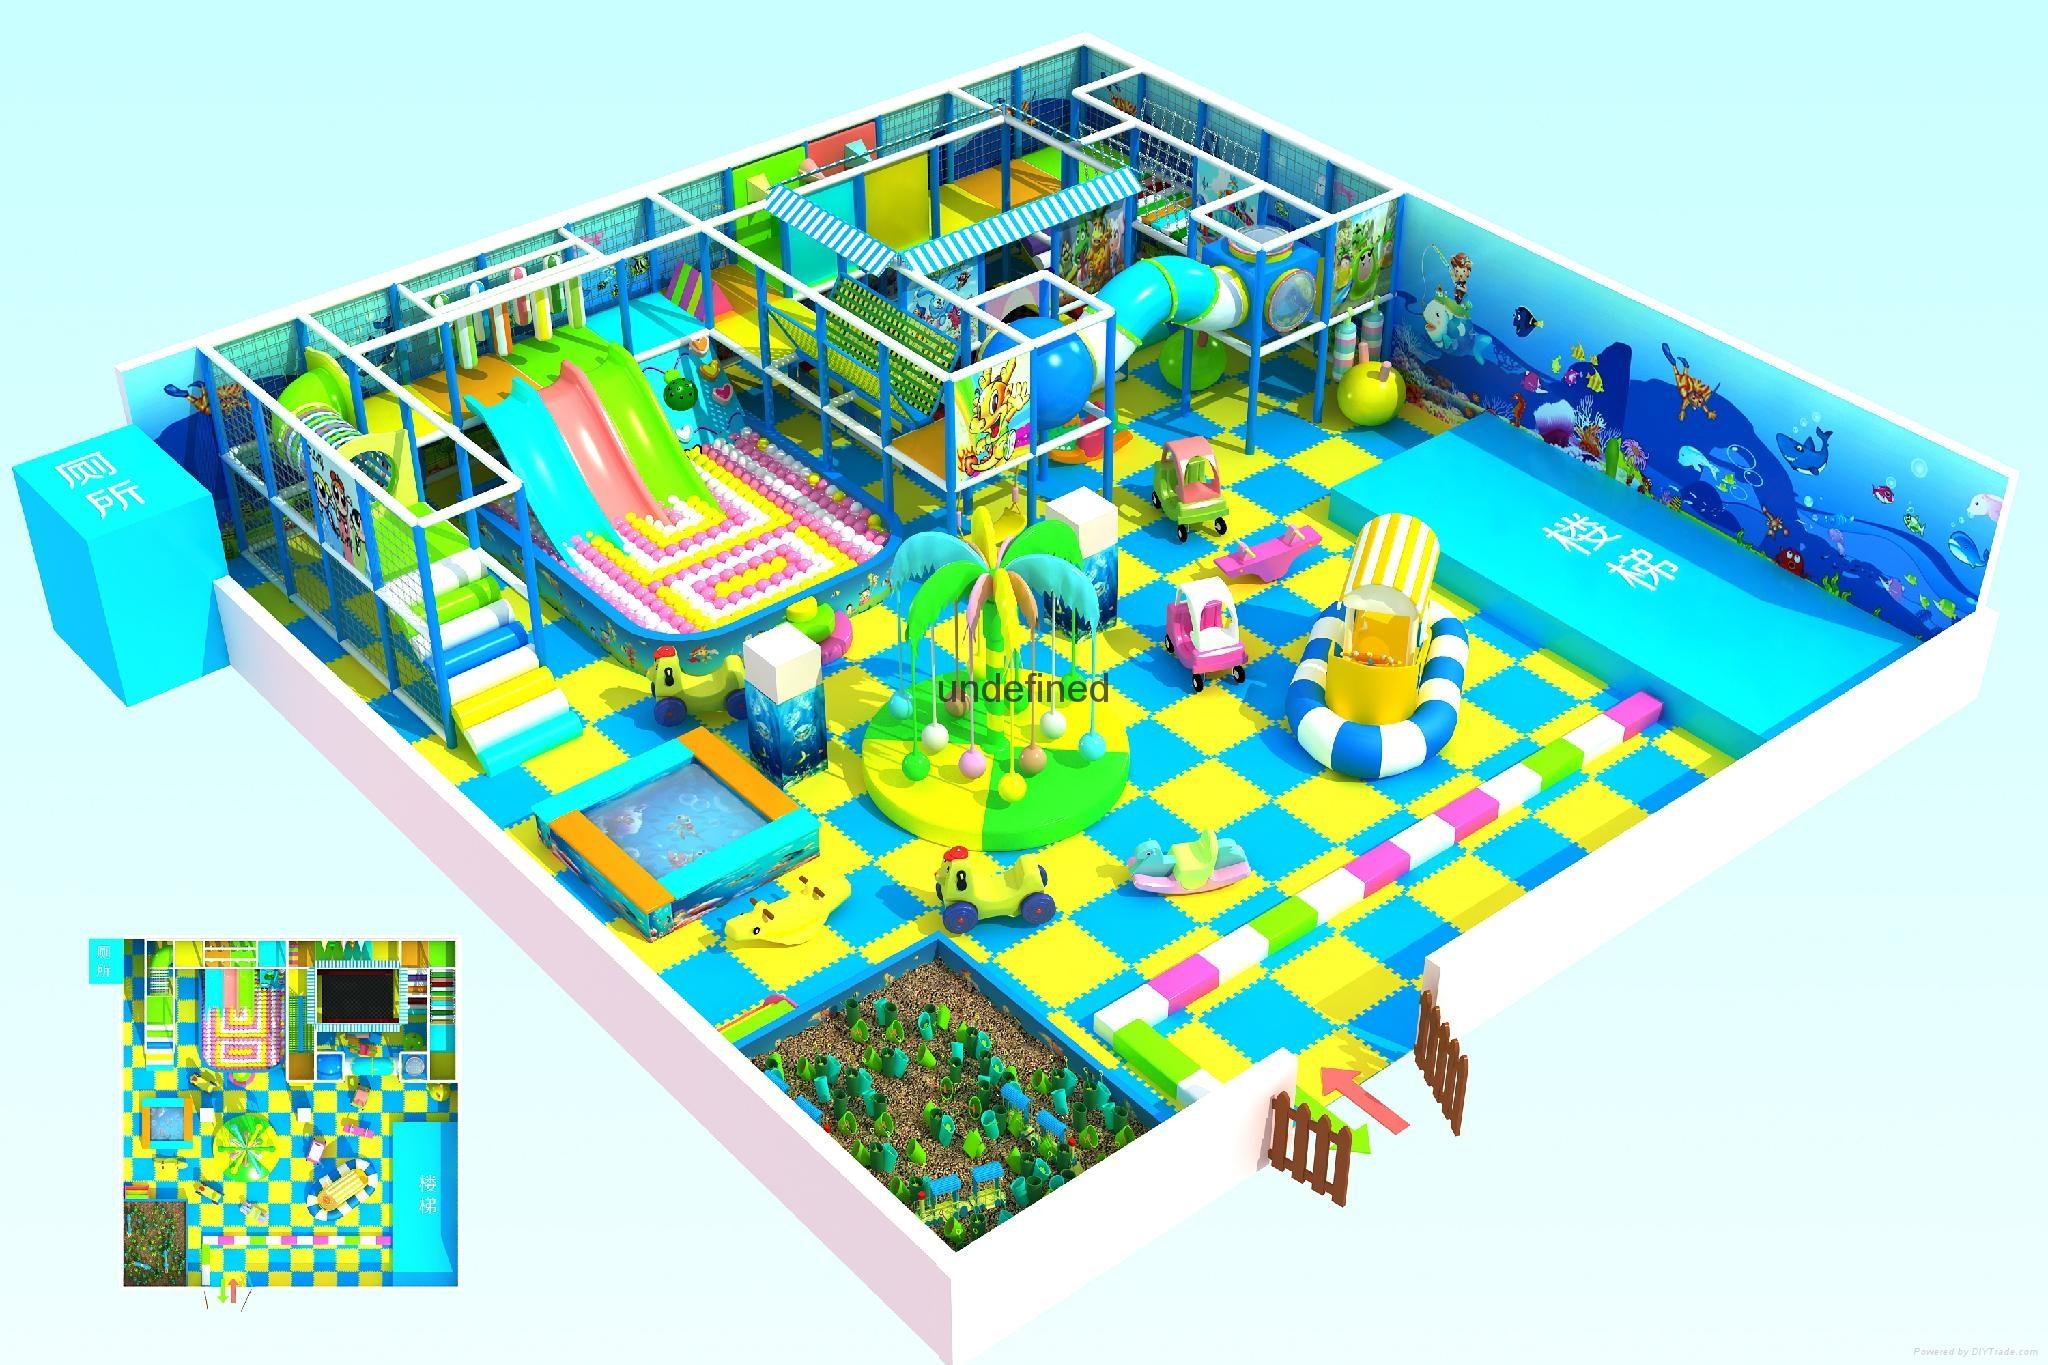 室内淘气堡游乐设备设施 5